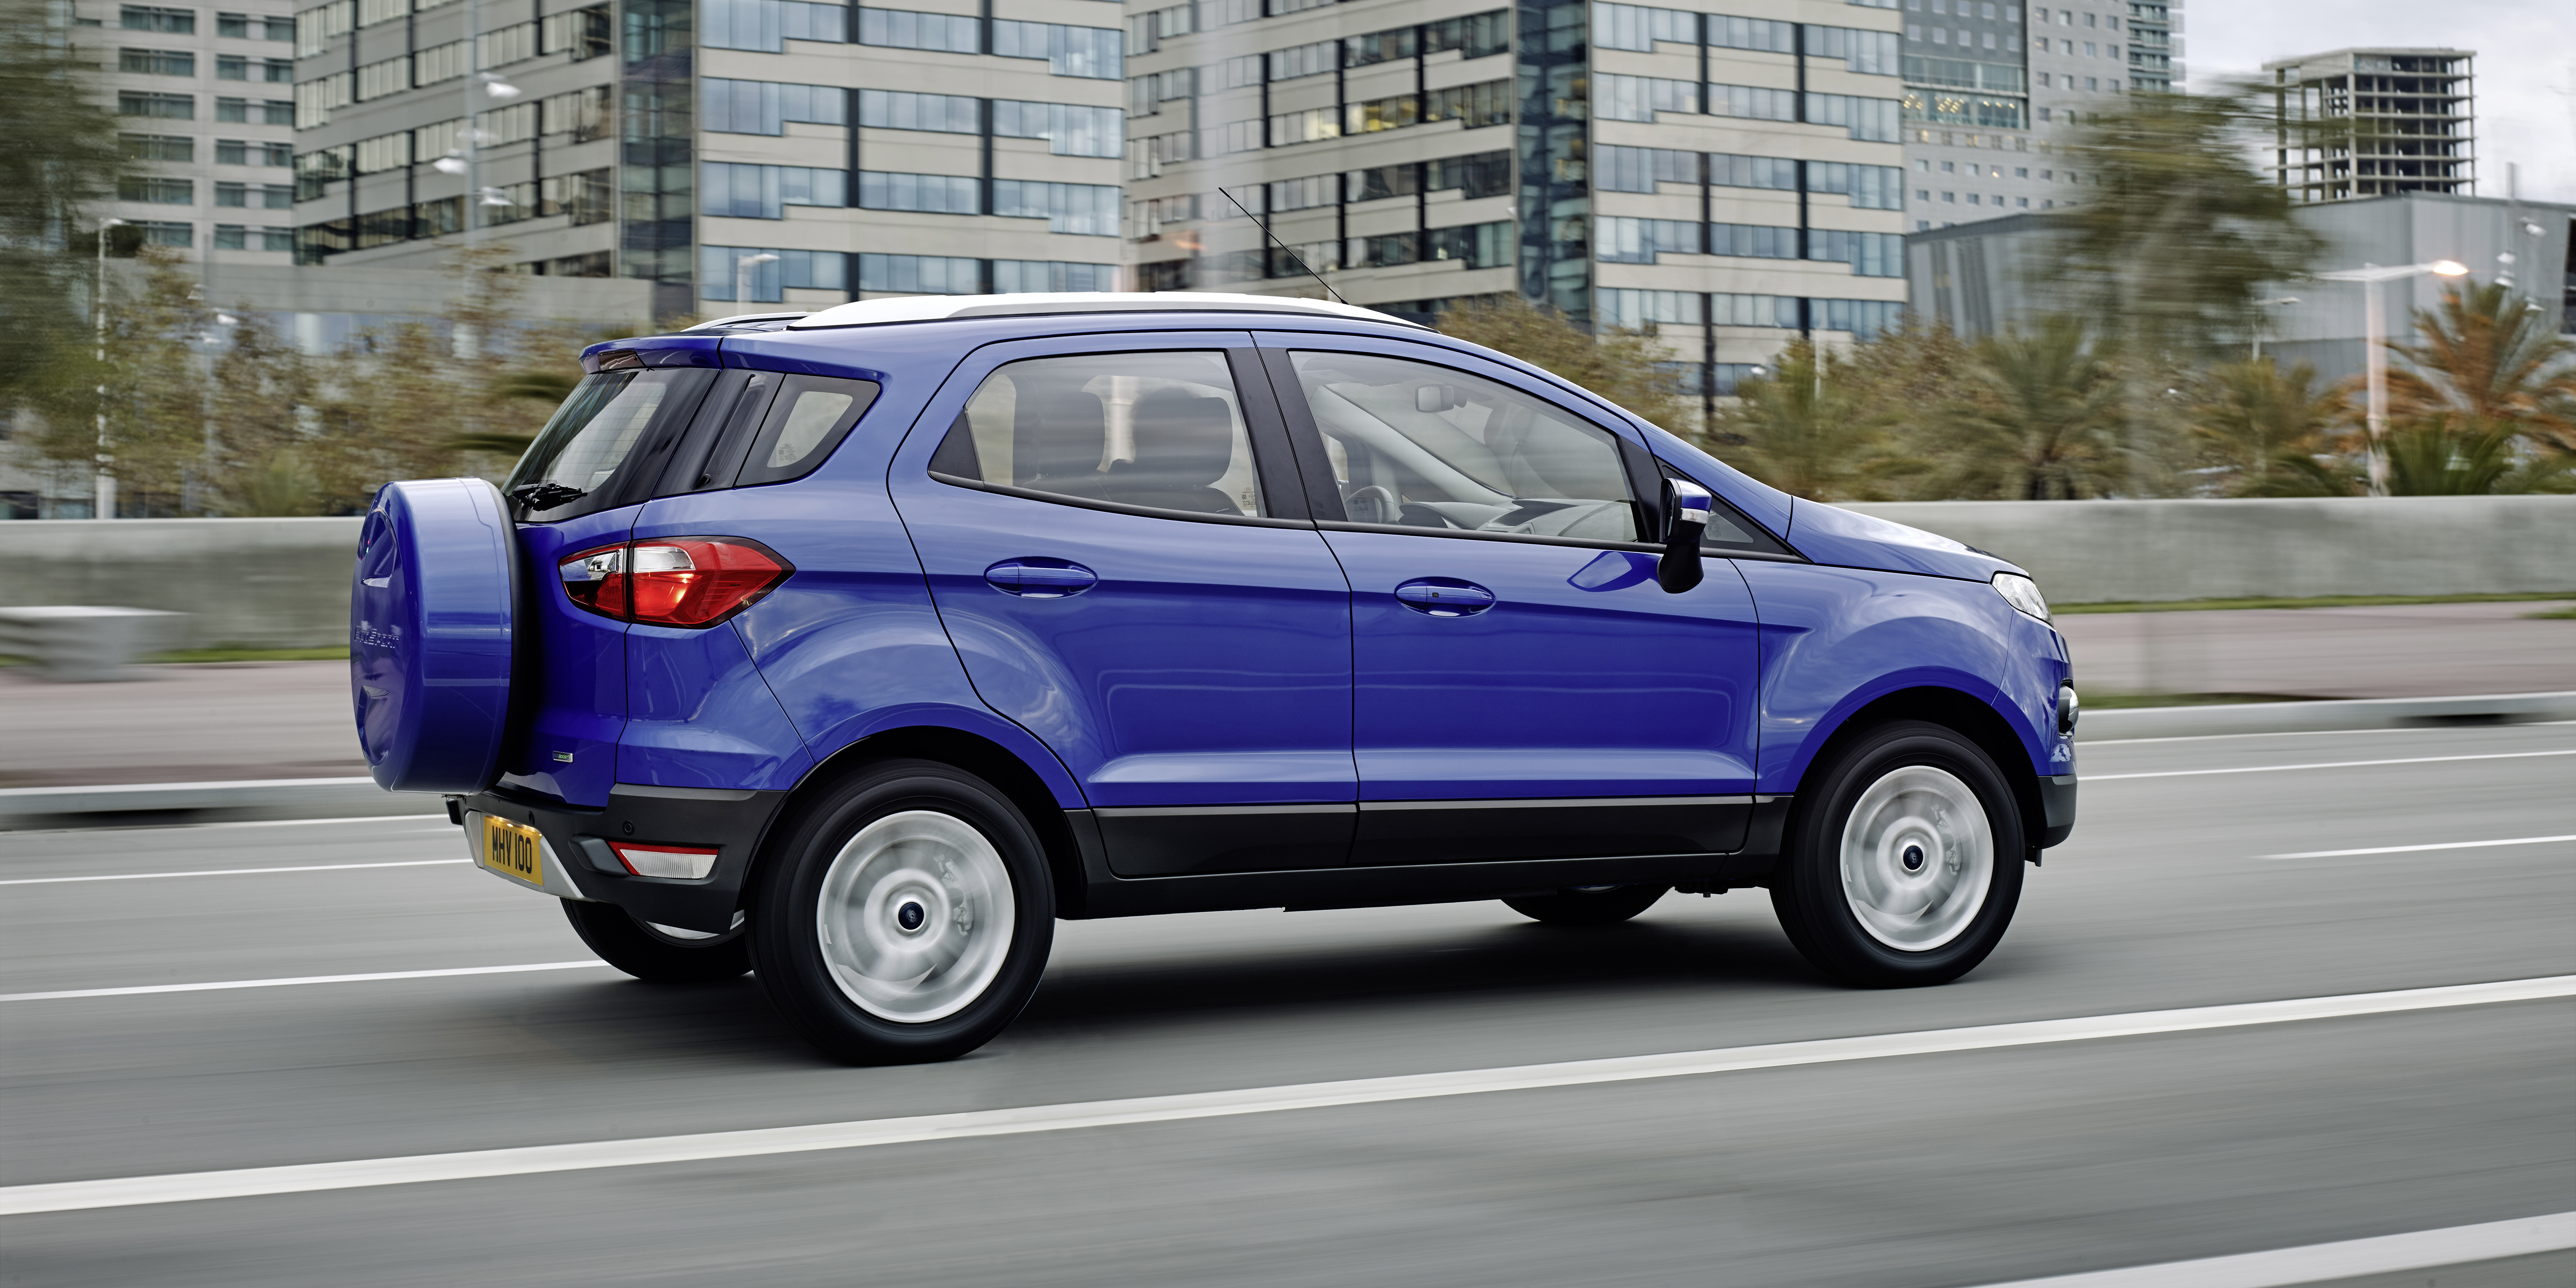 Image Result For Ford Ecosport Uk